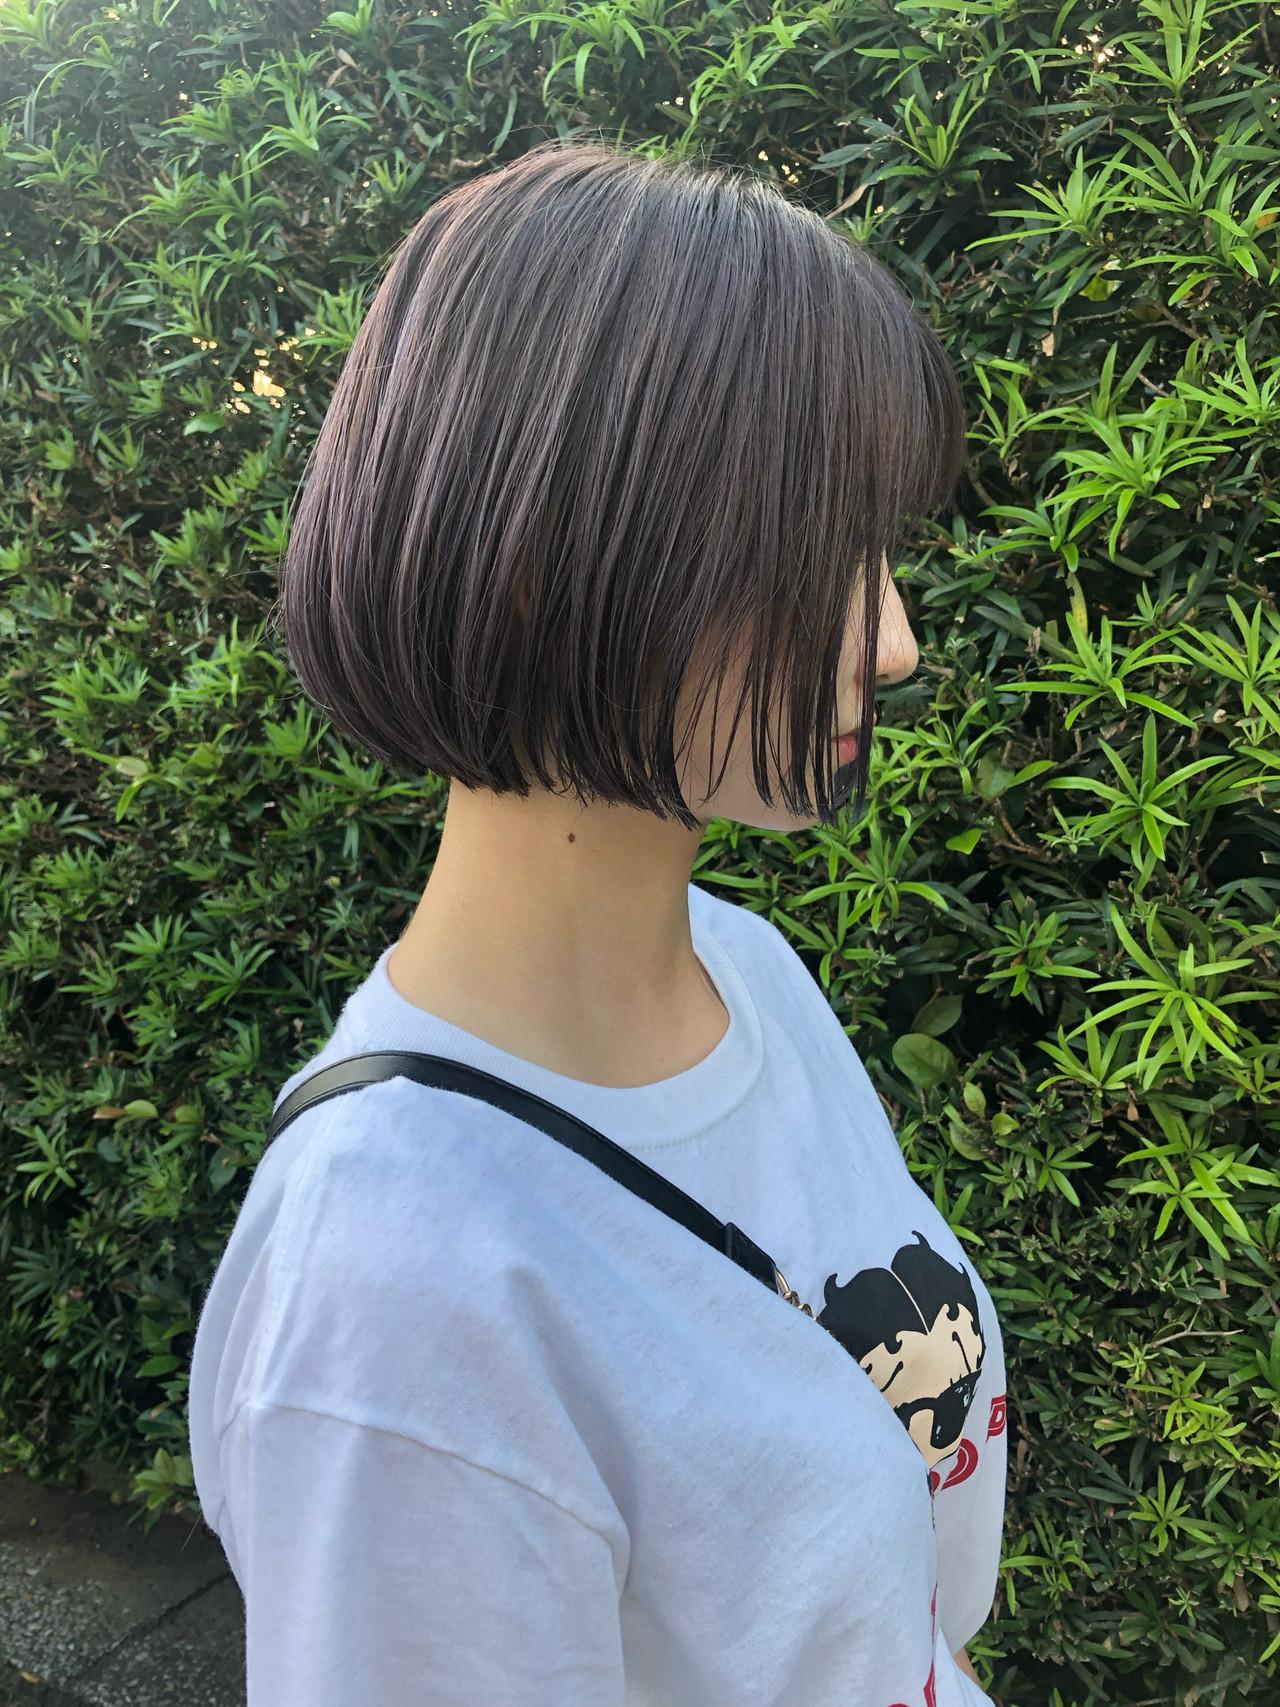 ショートヘア ミニボブ ボブ 切りっぱなしボブ ヘアスタイルや髪型の写真・画像 | 岩切 祐樹 / hair make No.8